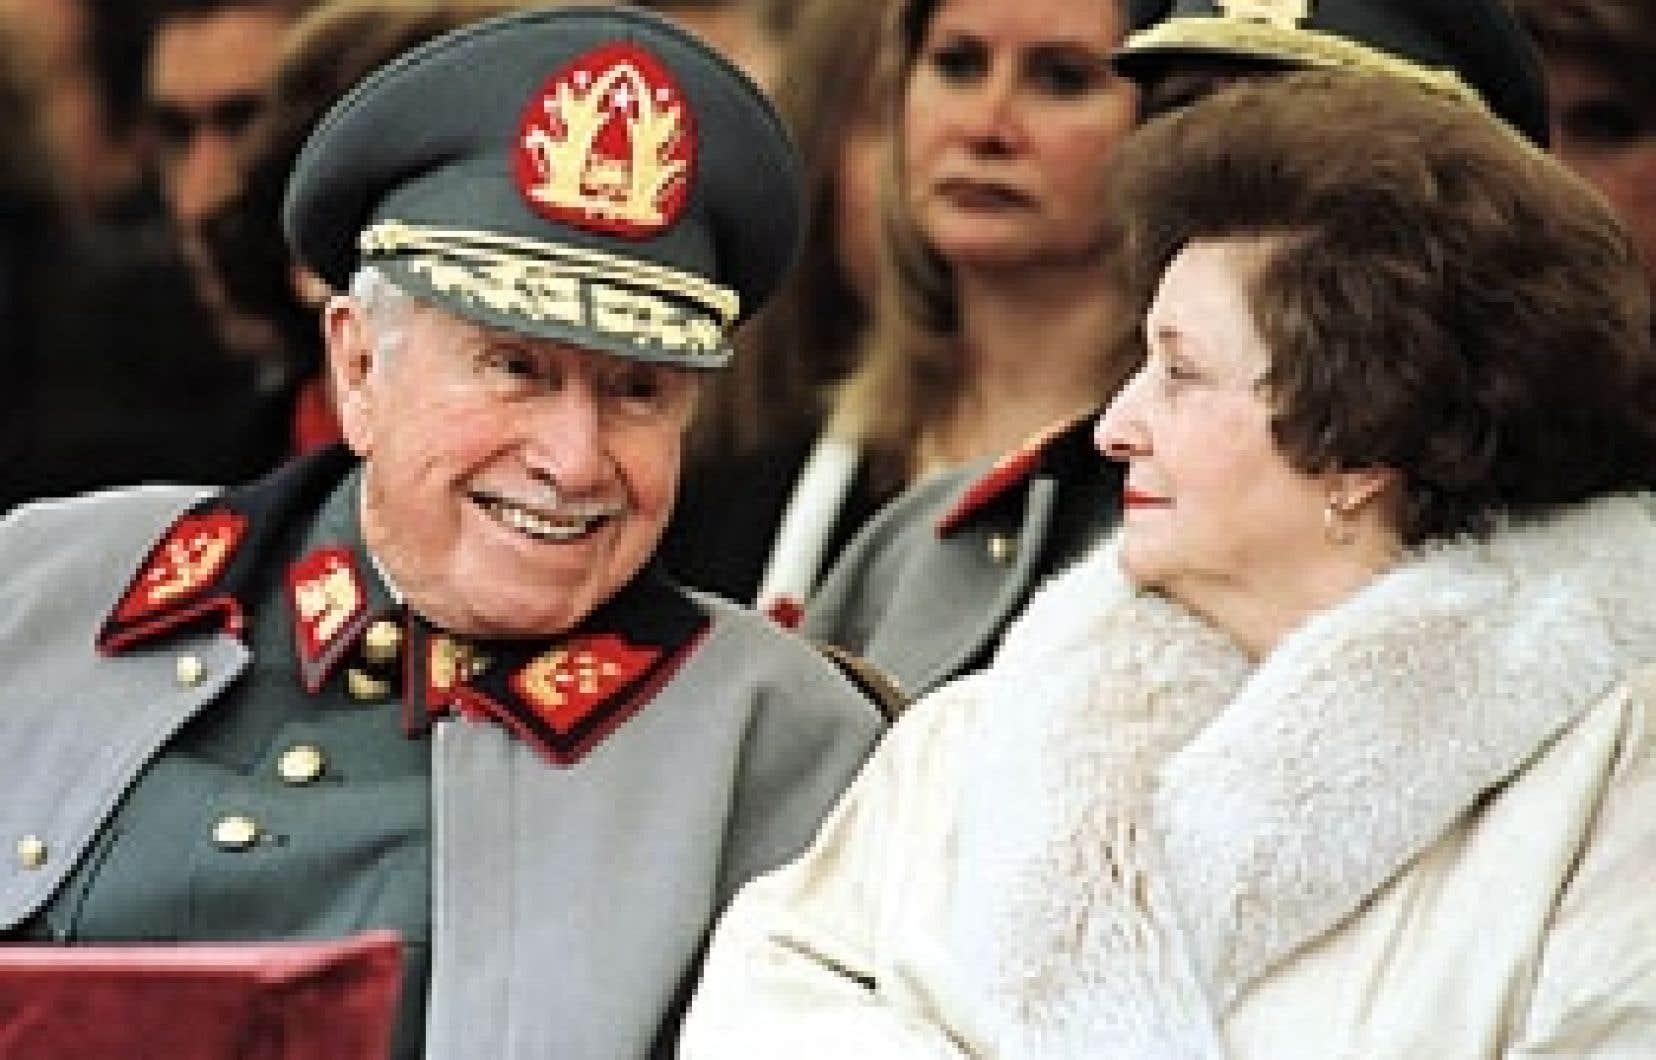 Augusto Pinochet en septembre 1997, célébrant l'anniversaire de la chute de Salvador Allende.